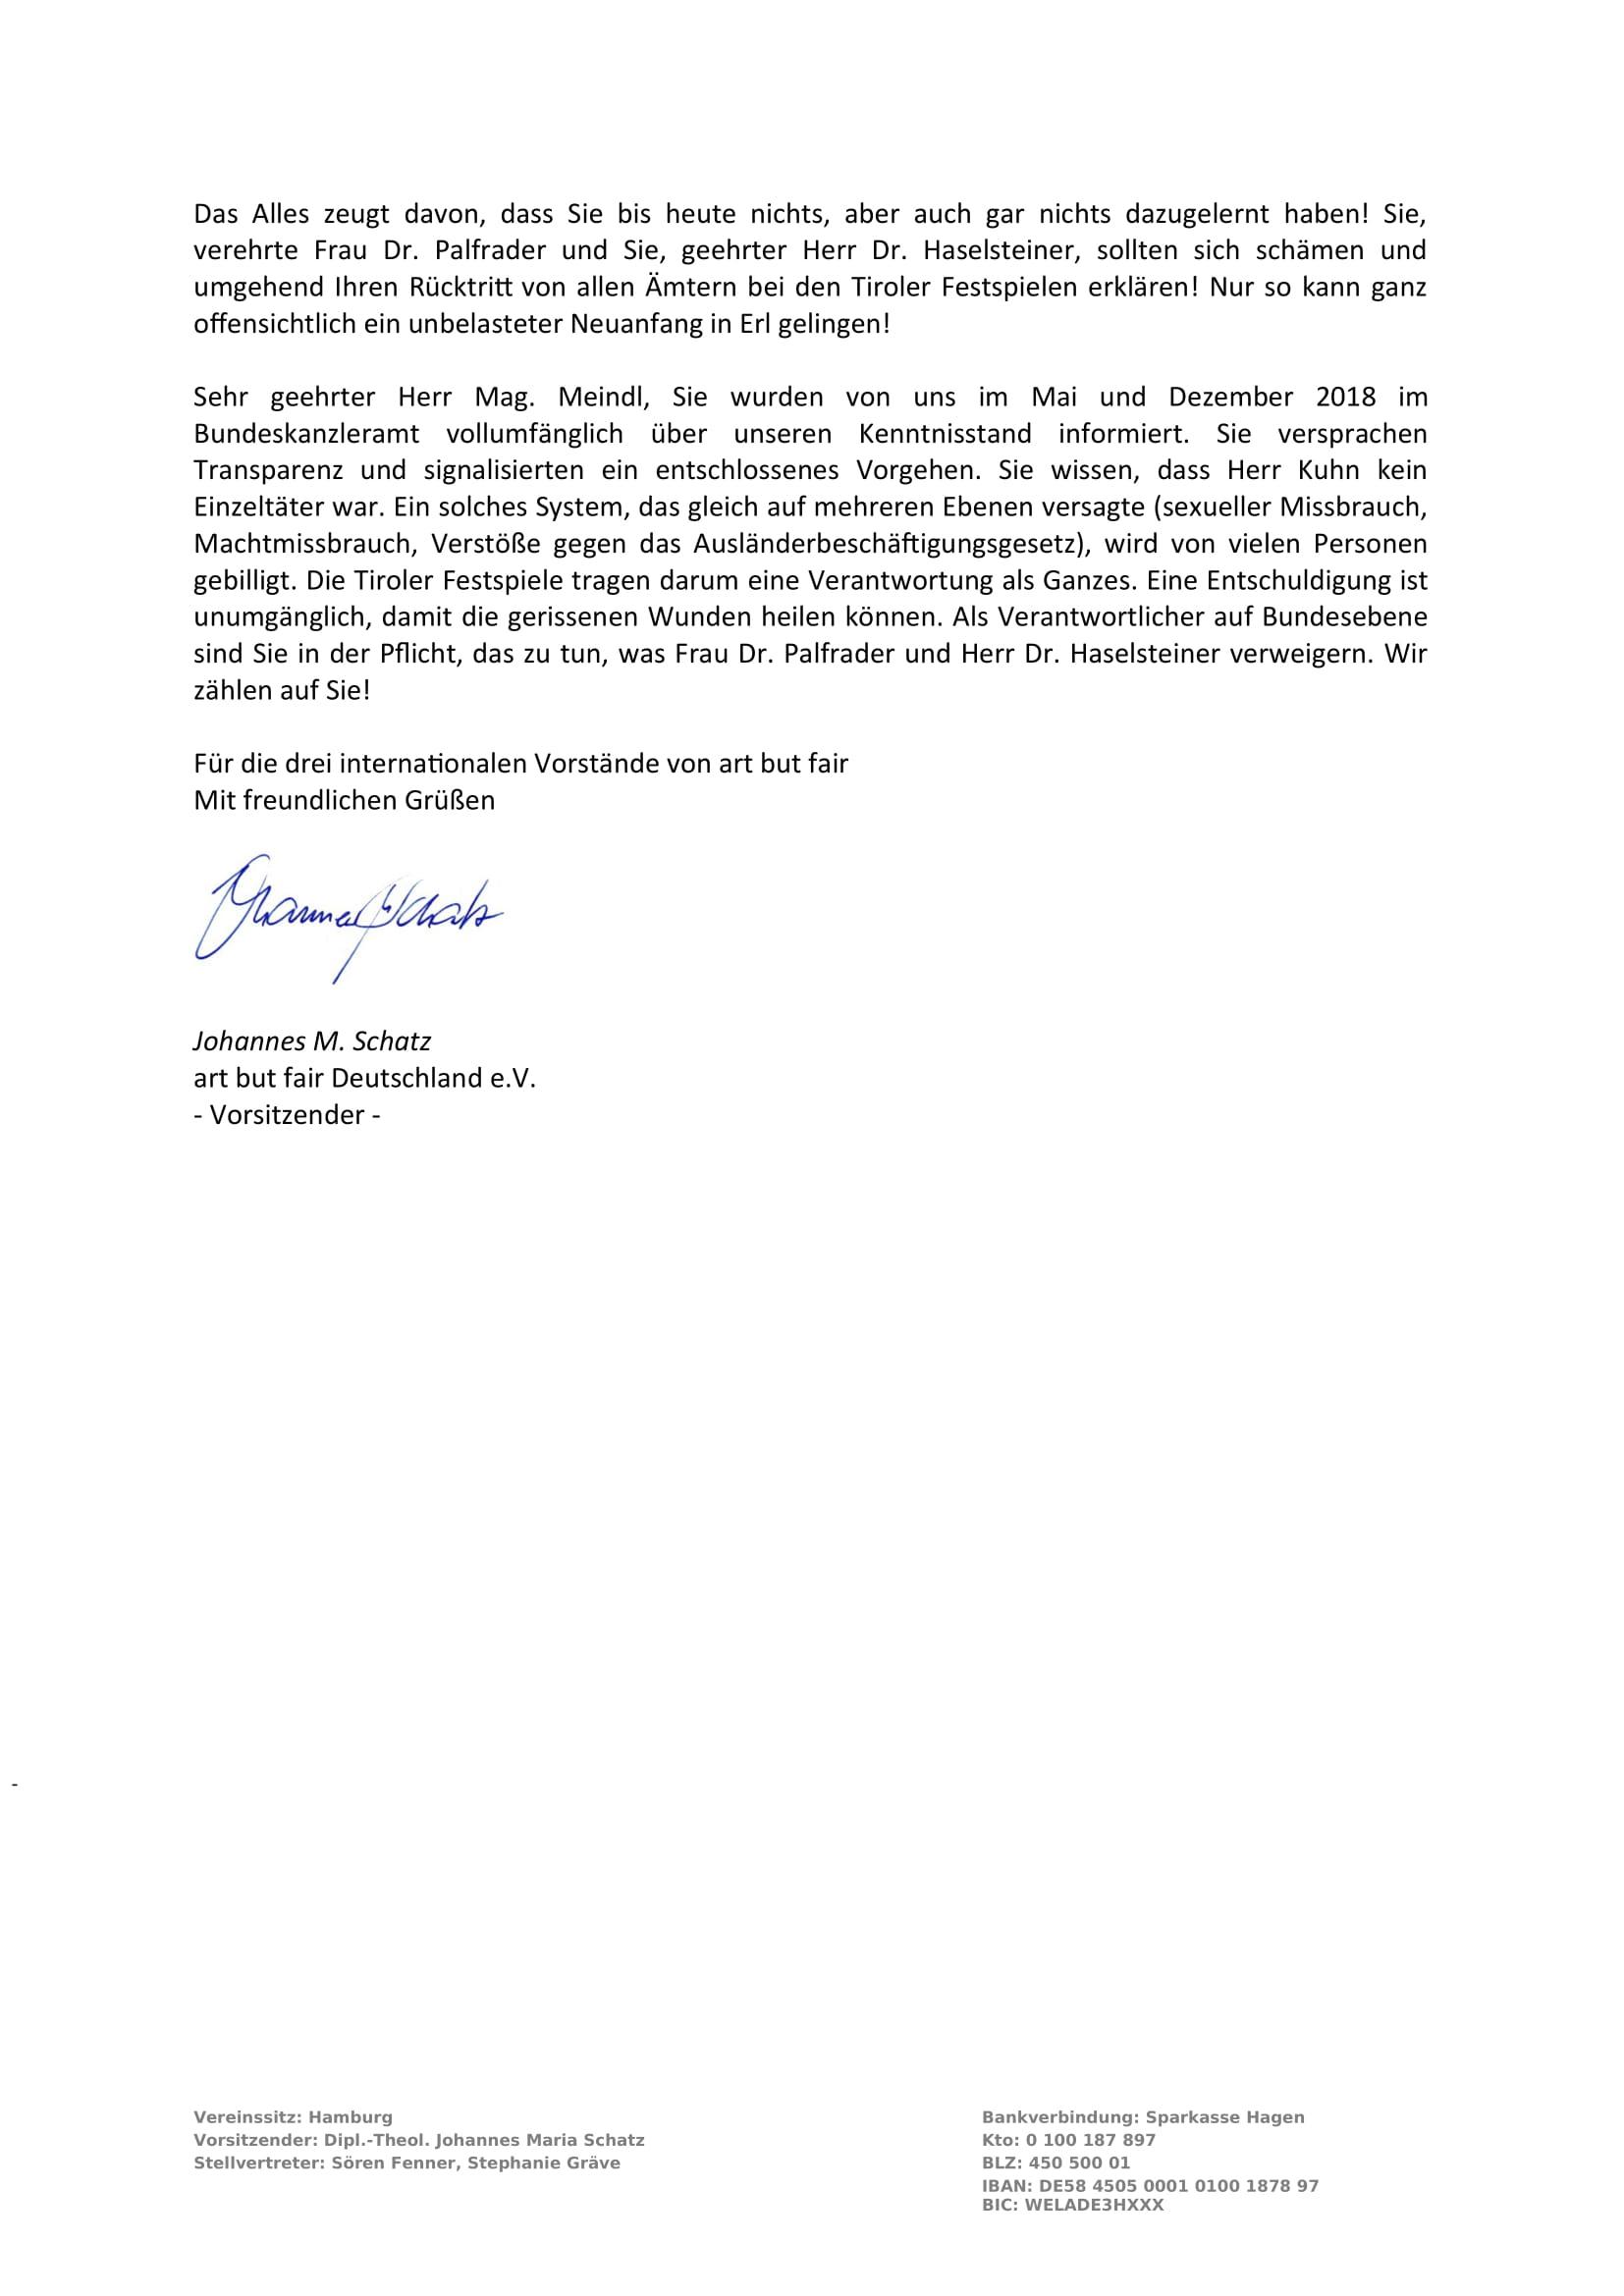 Offener-Brief-Stiftungsvorstand-Erl-2019-11-24-3